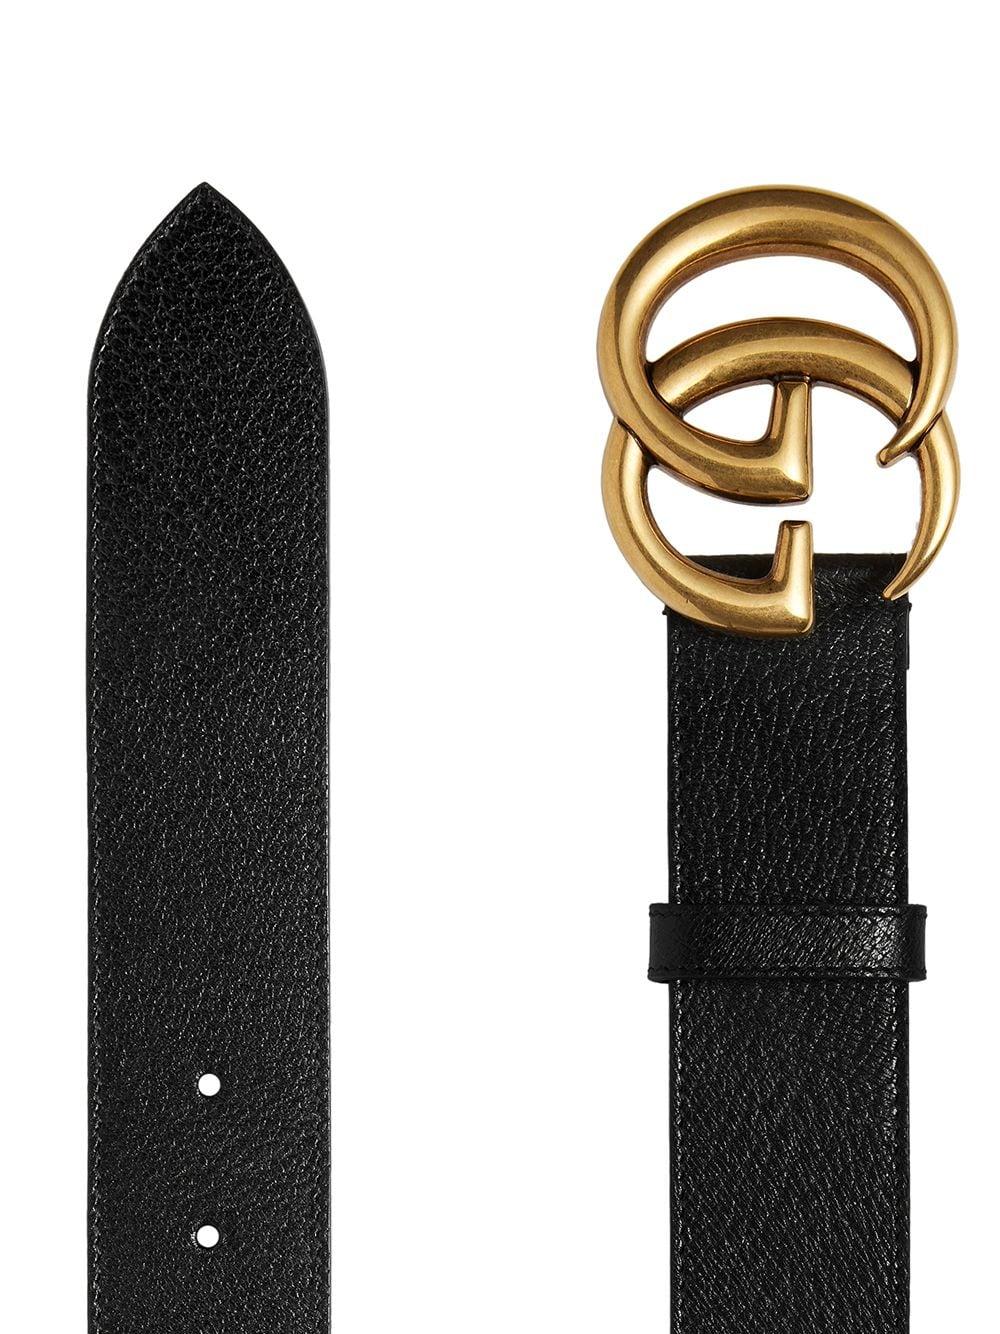 cintura in pelle di vitello nera da 4 cm con fibbia doppia G. GUCCI | Cinture | 406831-DJ20T1000